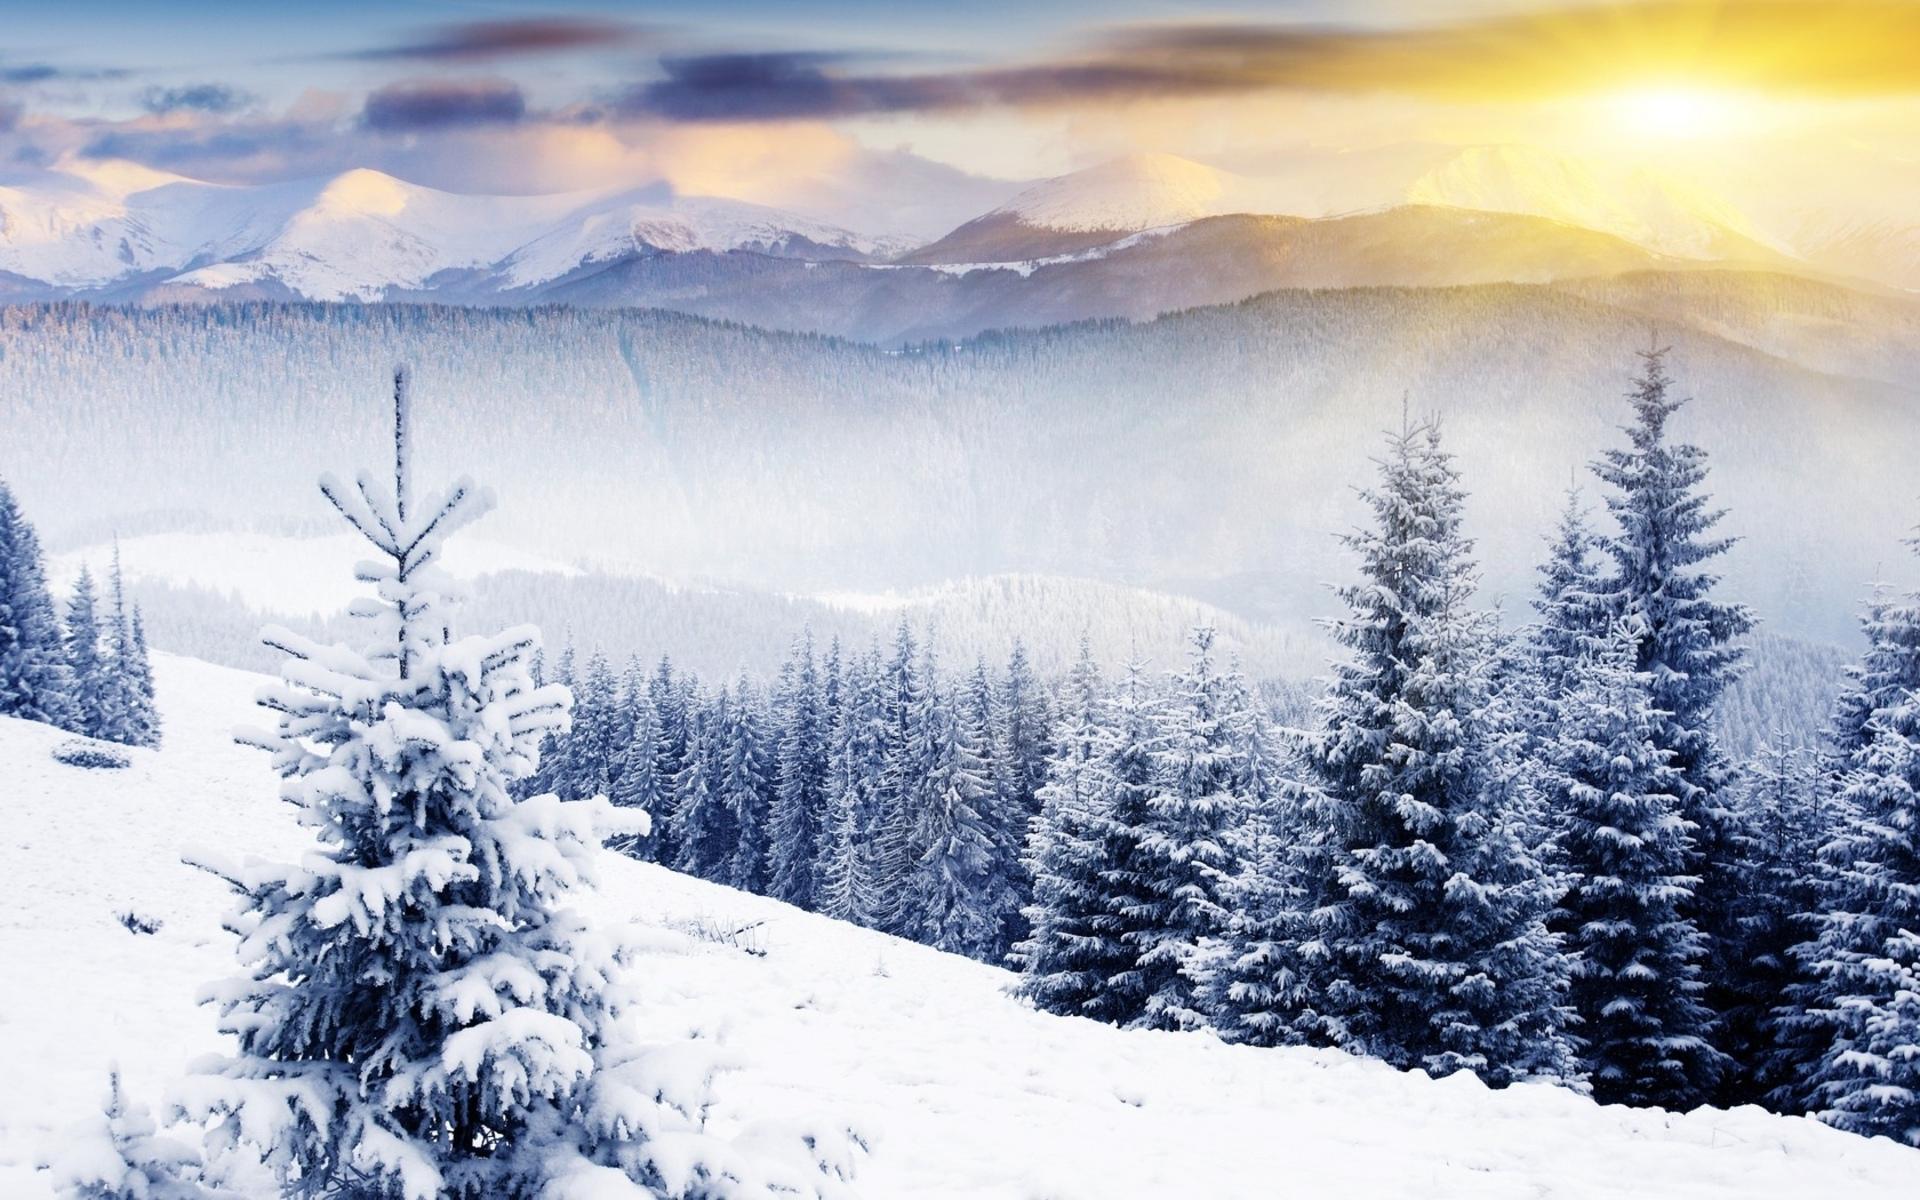 winter scenes   Desktop Wallpaper 1920x1200